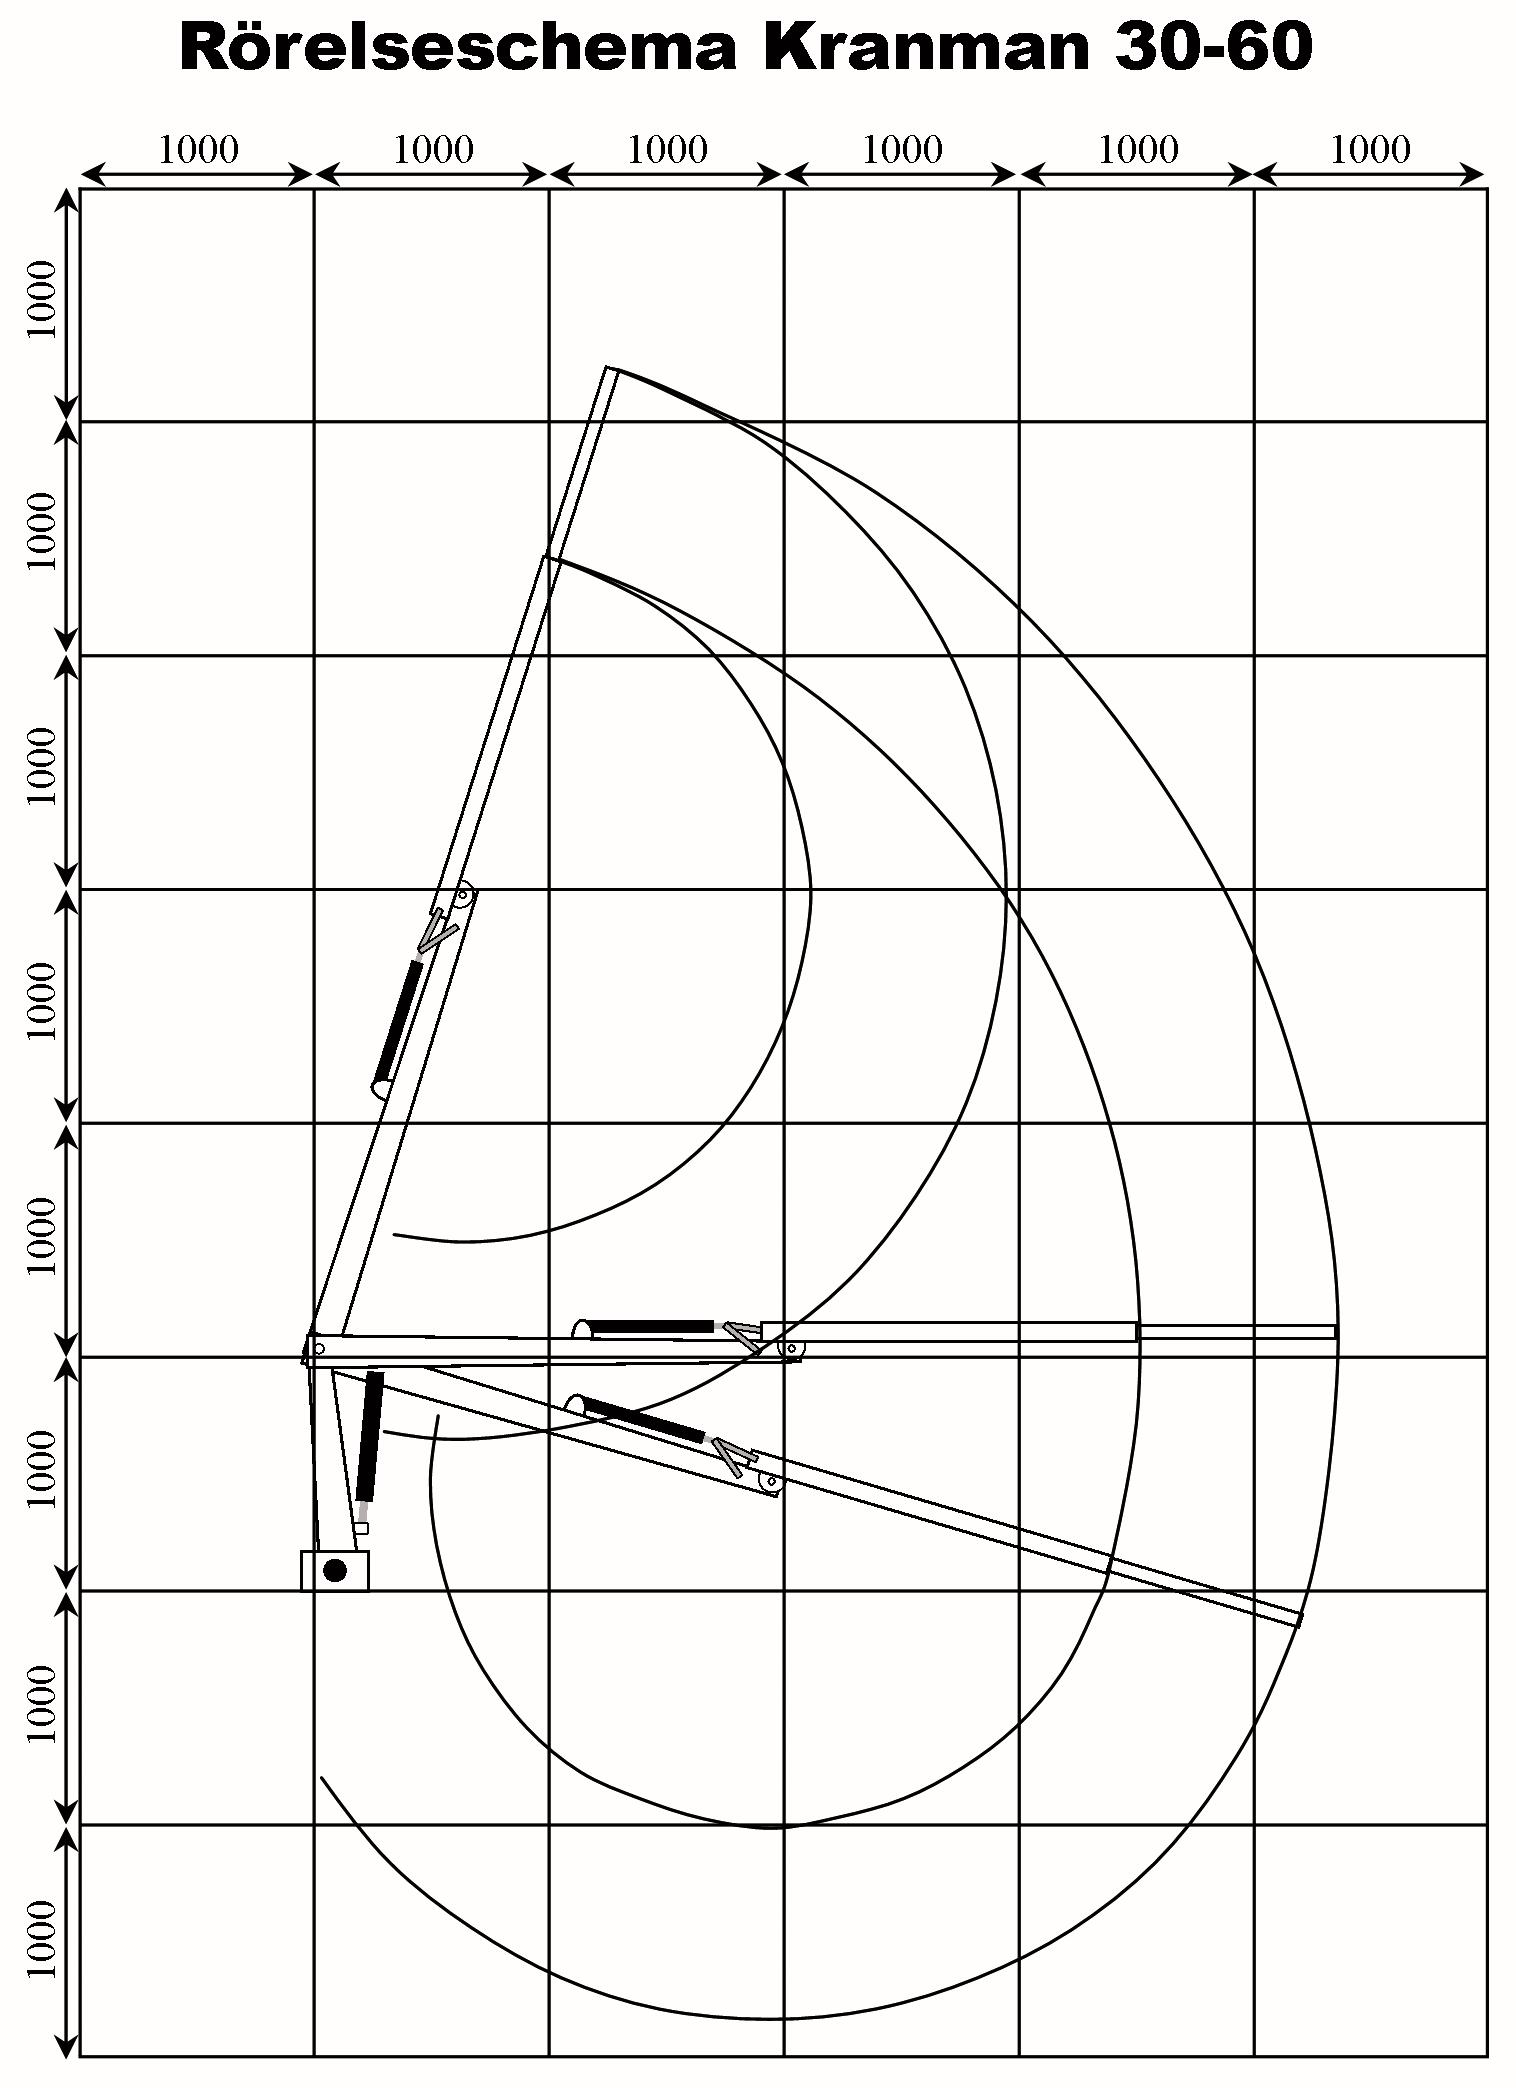 Kranman 30-60 kran 4,4 m